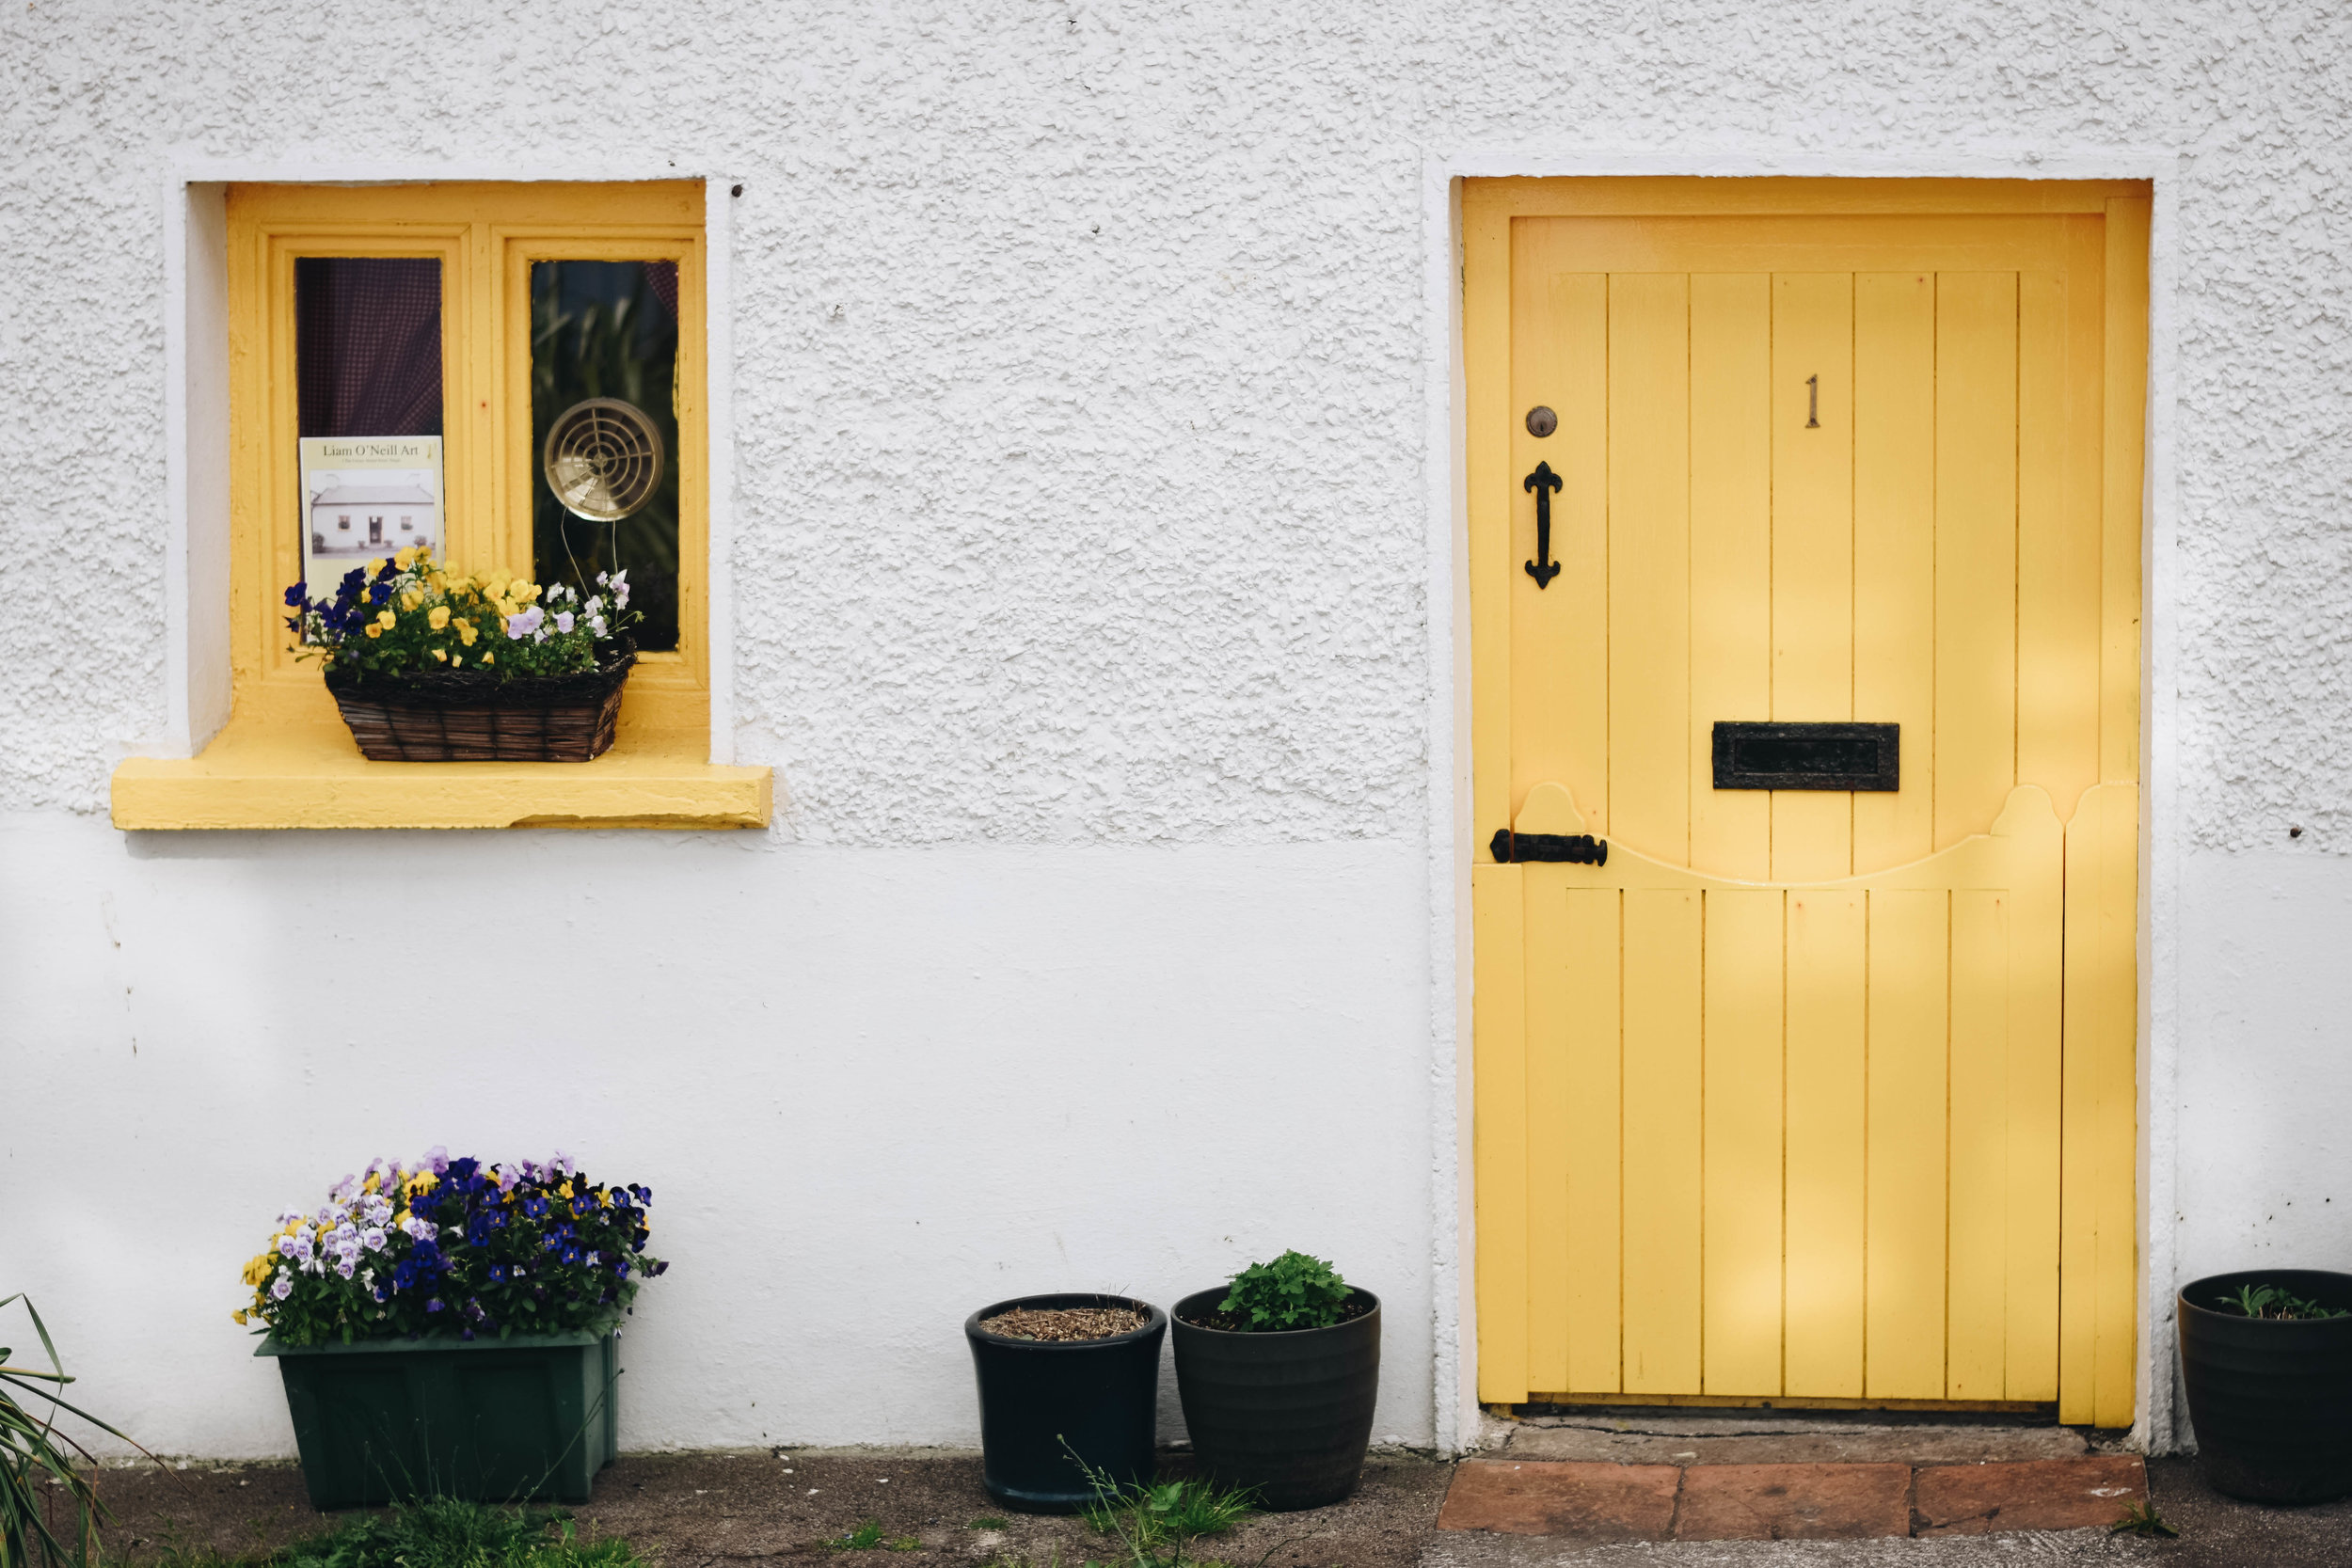 The Yellow Door | Dingle, Ireland | June 2016